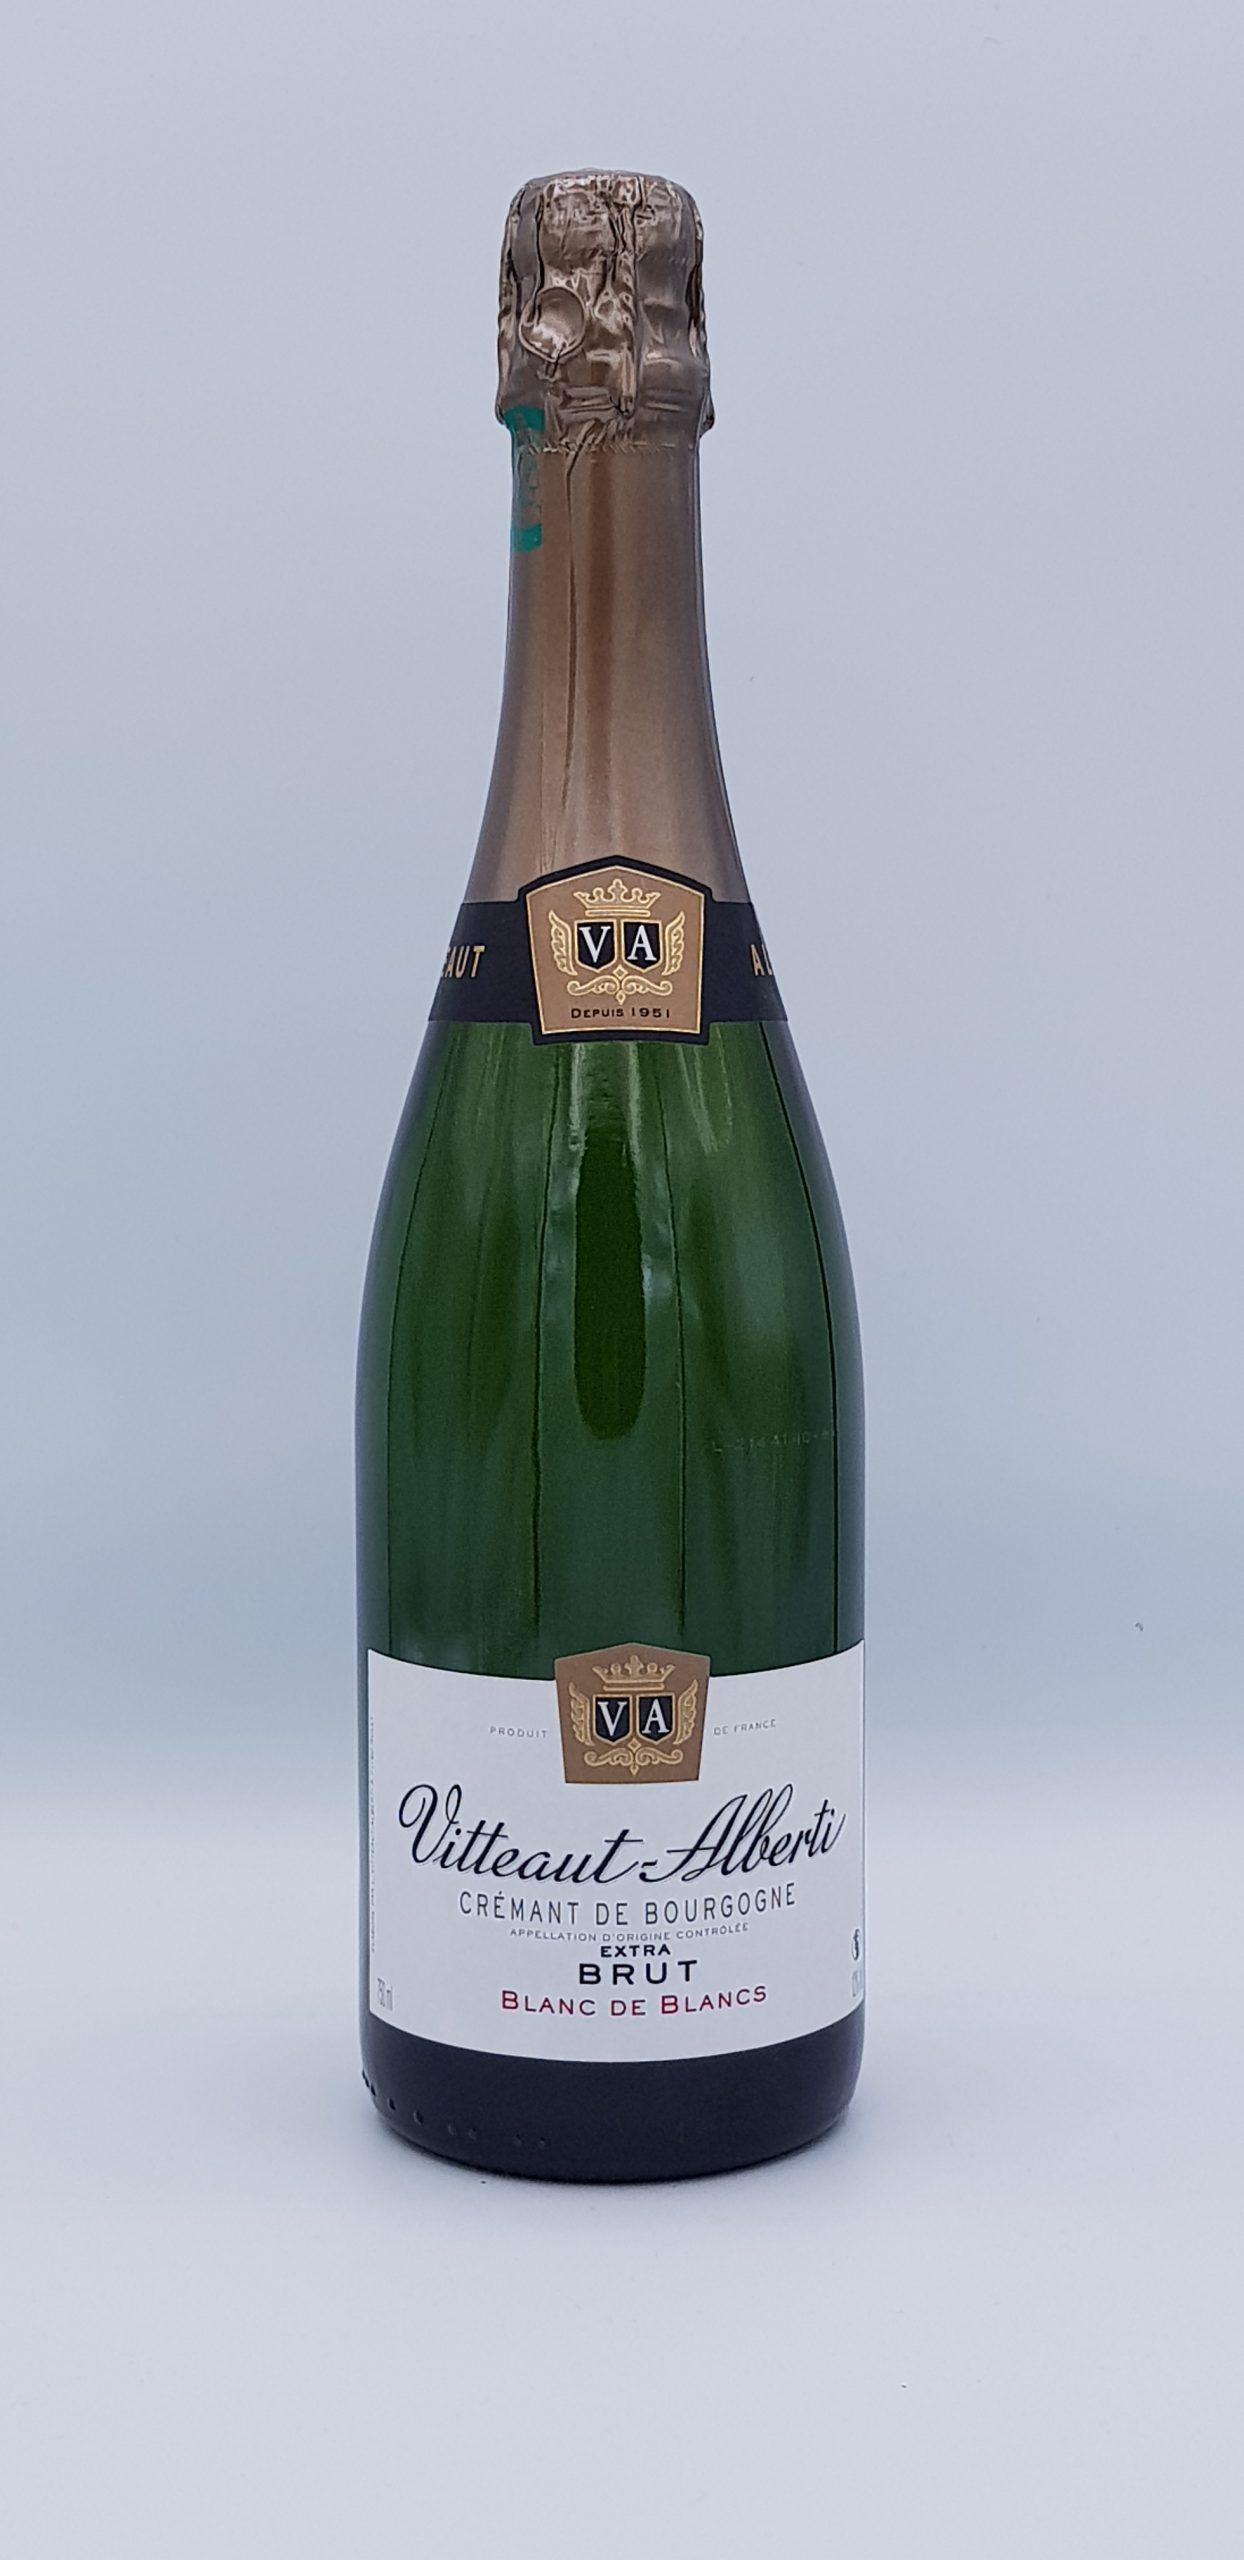 Cremant De Bourgogne Blanc De Blanc Extra Brut Vitteaut Alberti